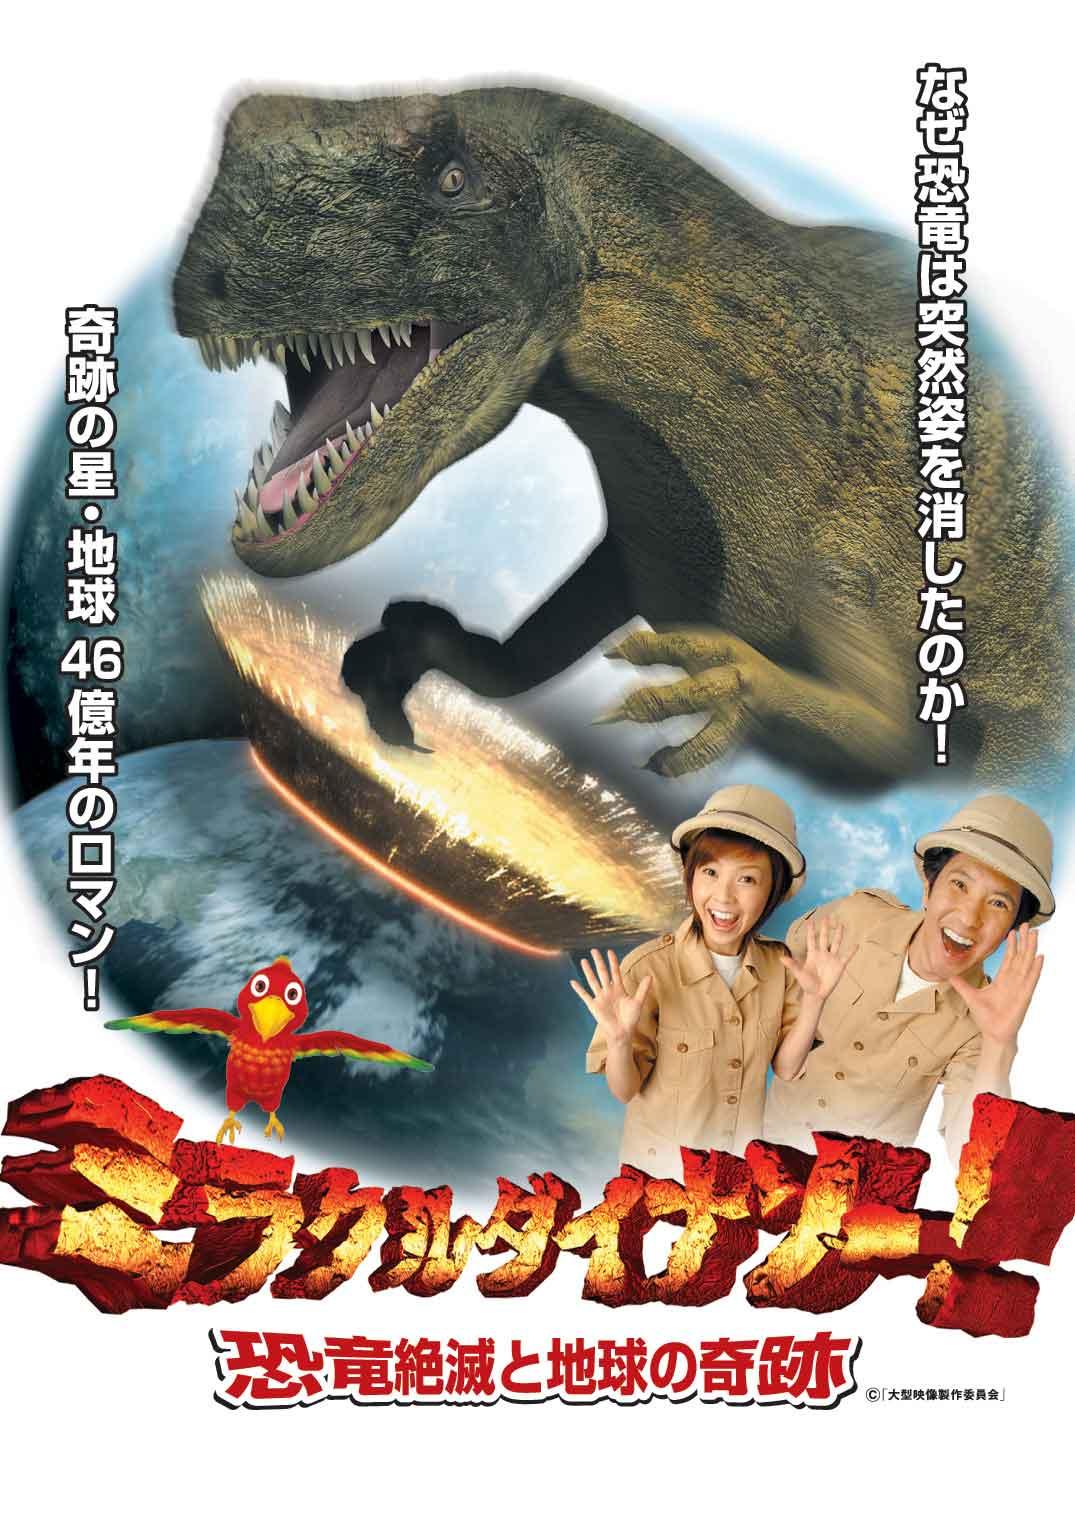 ミラクルダイナソー ~絶滅恐竜と地球の奇跡~